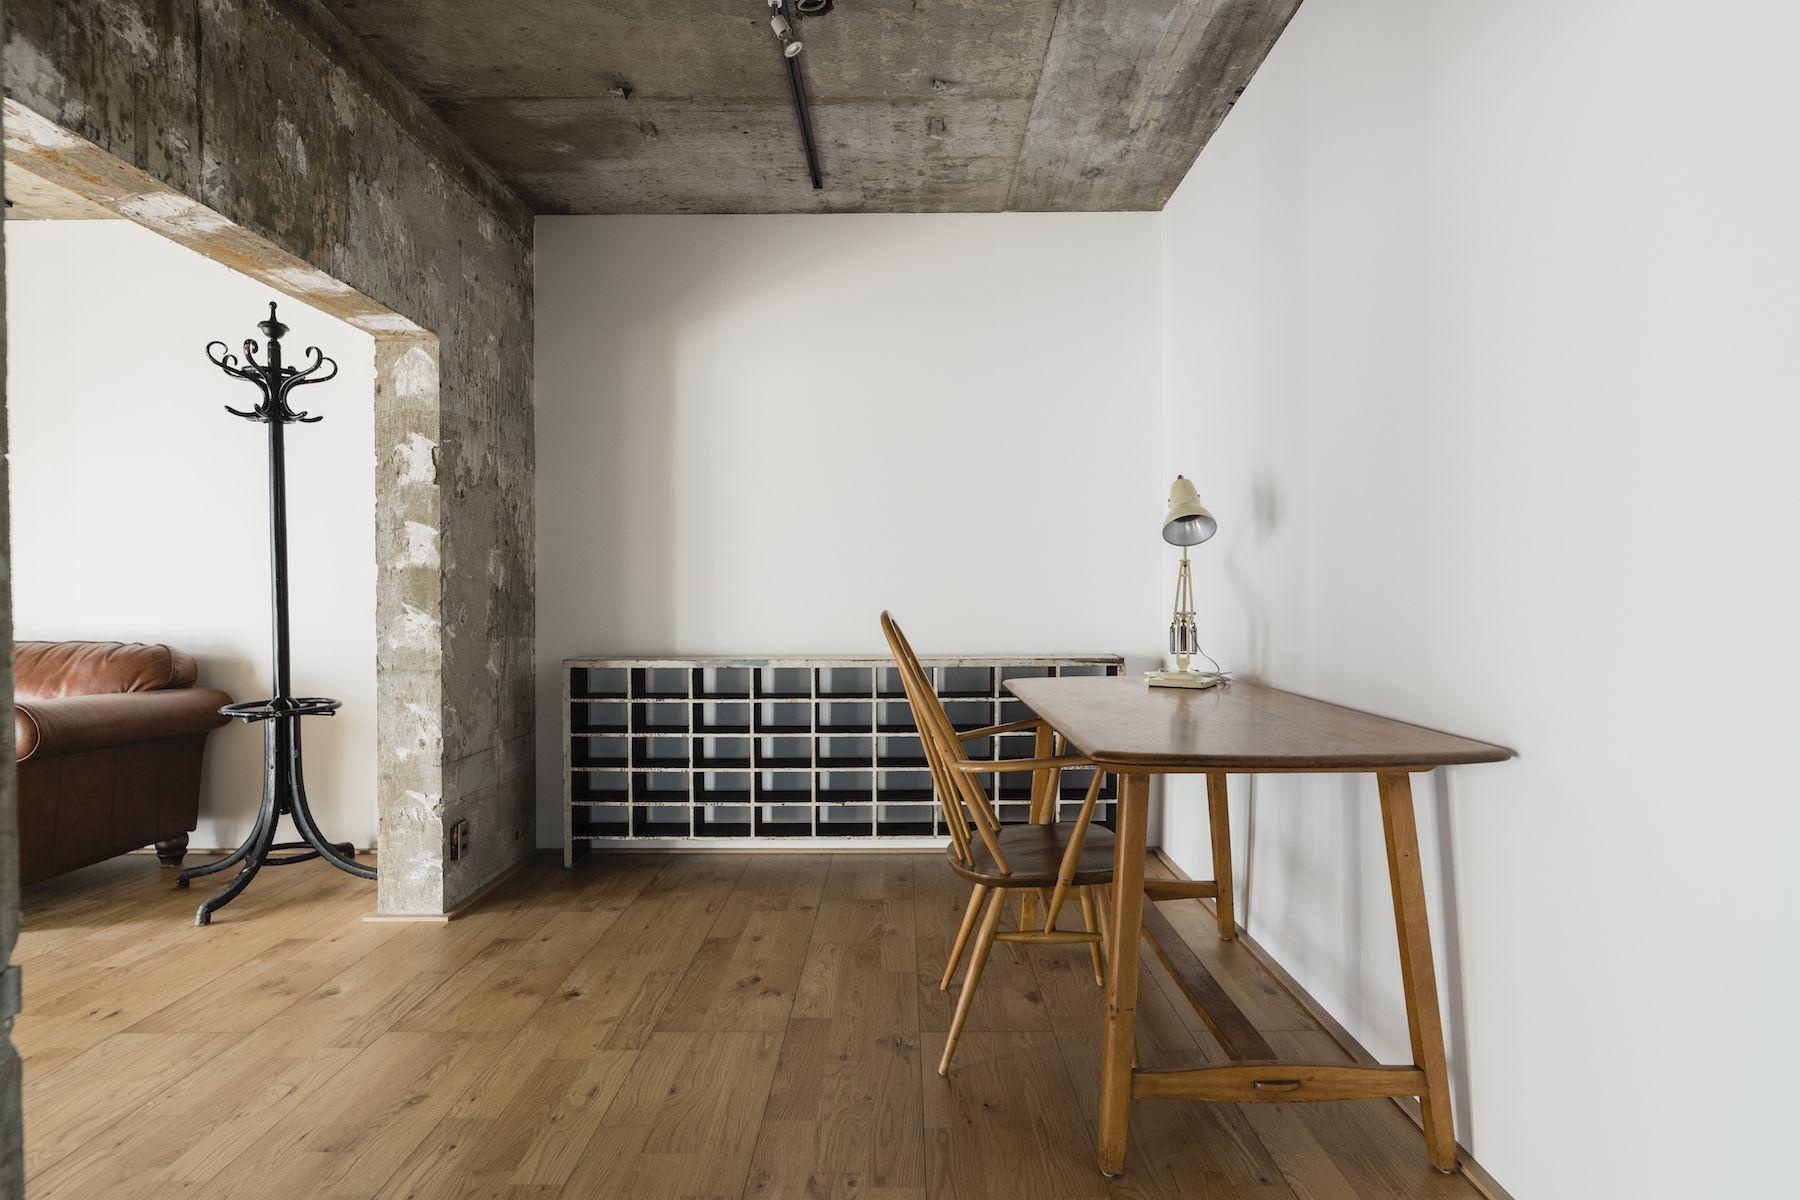 Studio YOKOSHIRO  (スタジオ ヨコシロ)1人暮らしの部屋のように